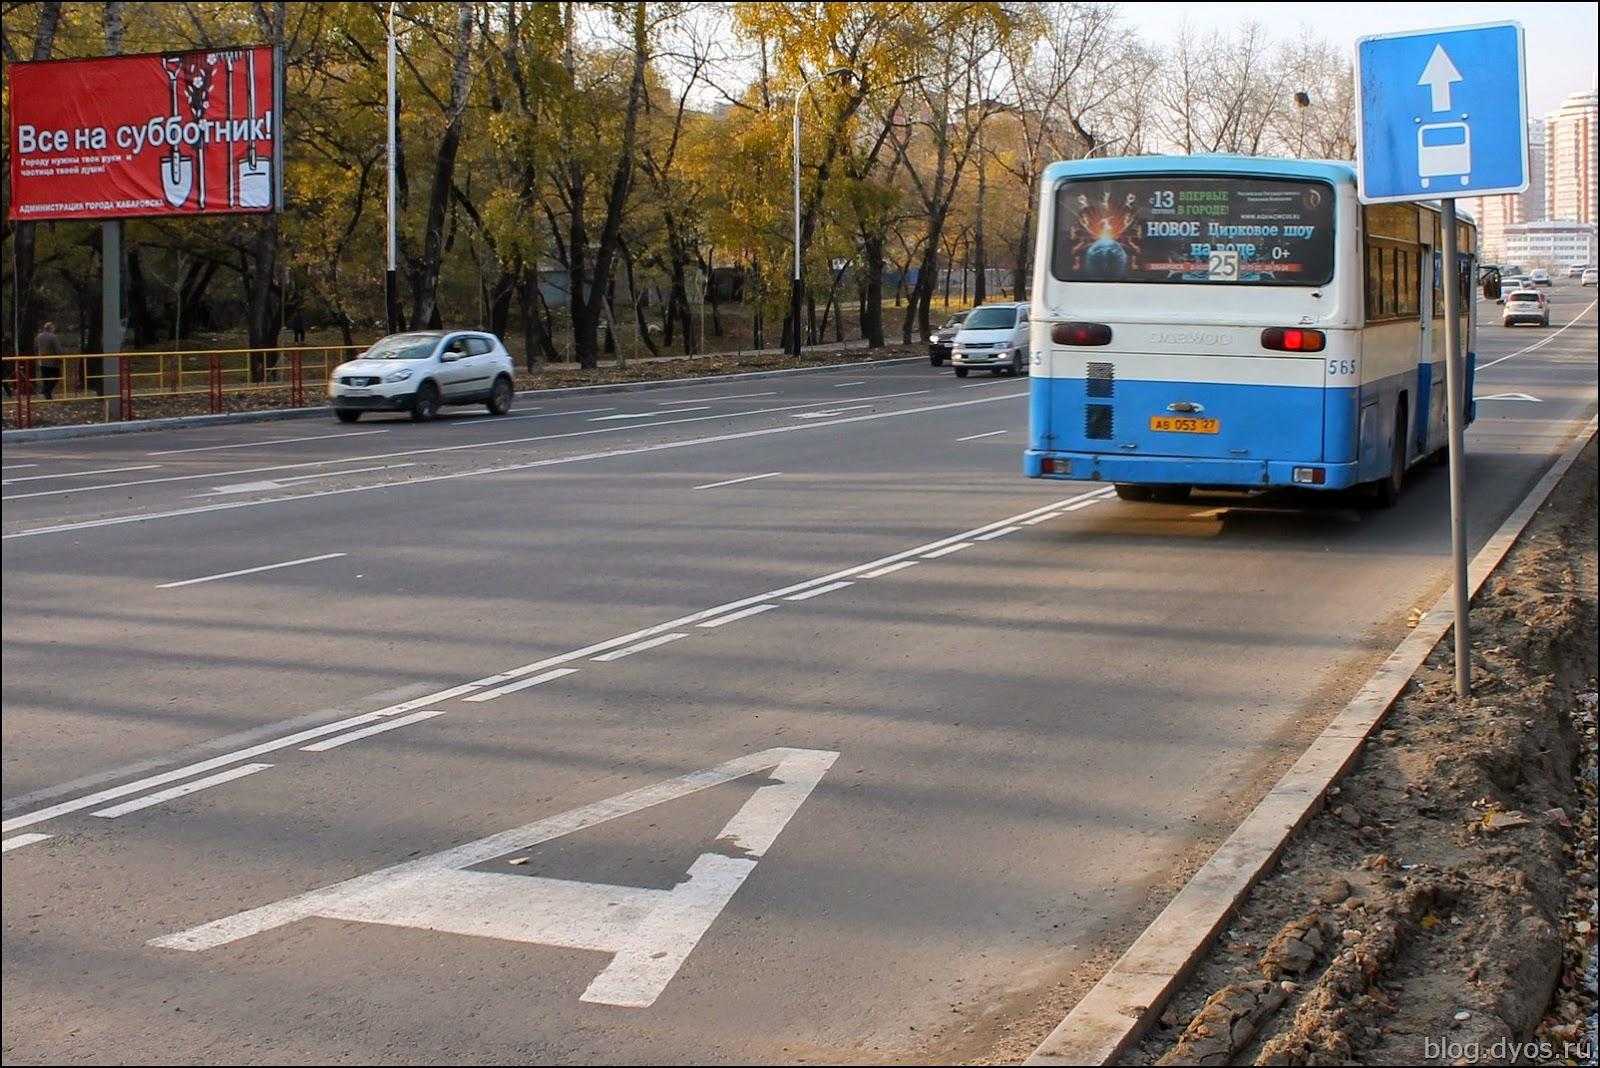 Сколько штраф за автобусную полосу 2018